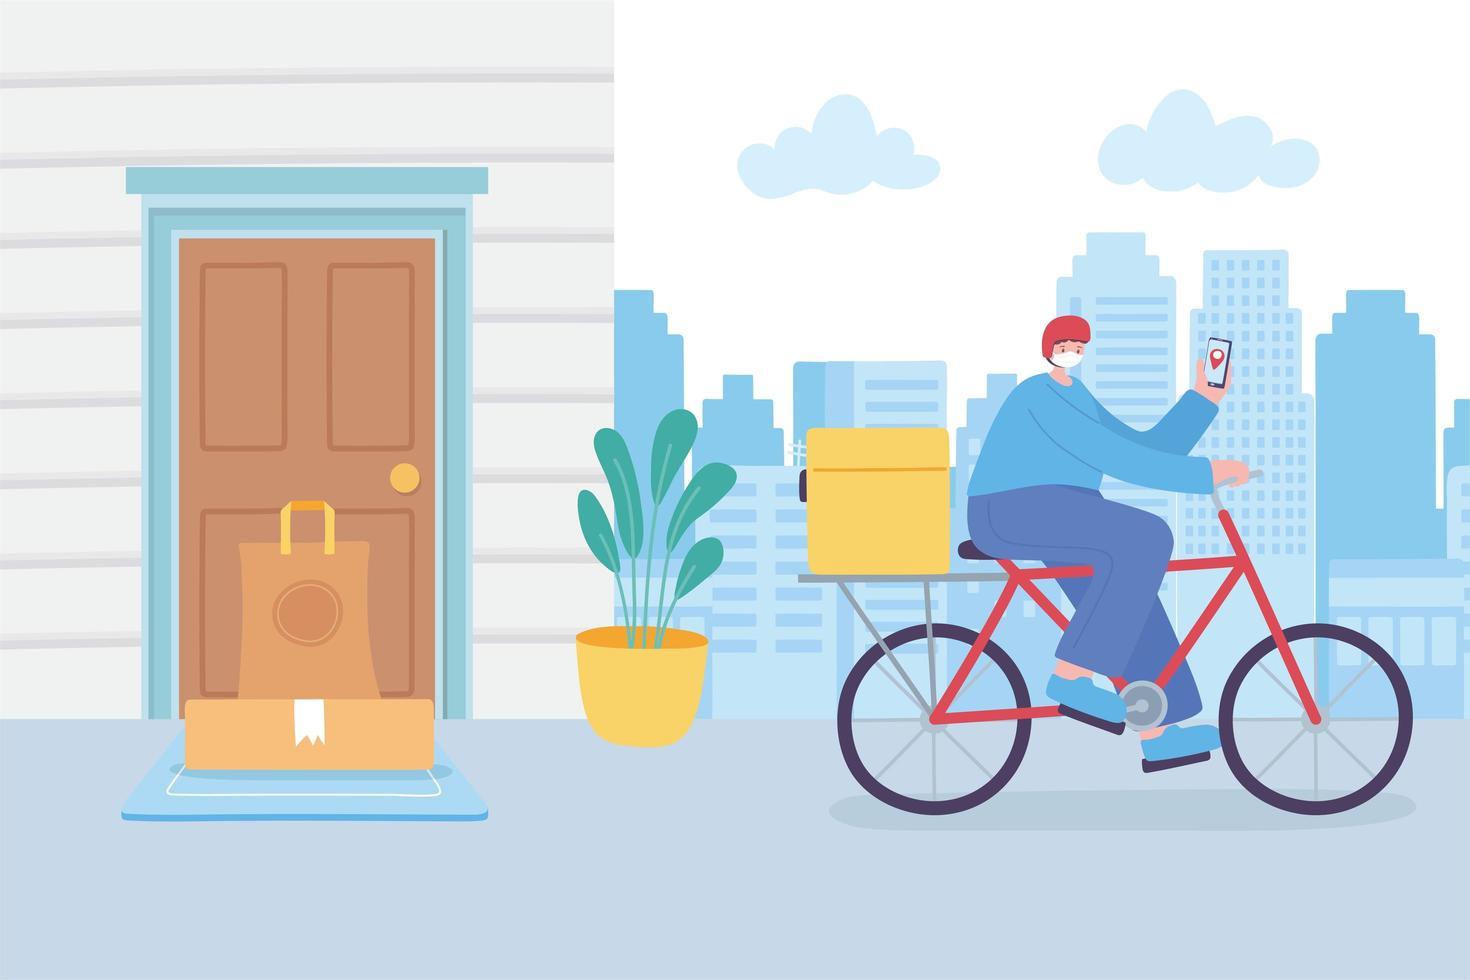 servicio de entrega online con mensajería en bicicleta vector